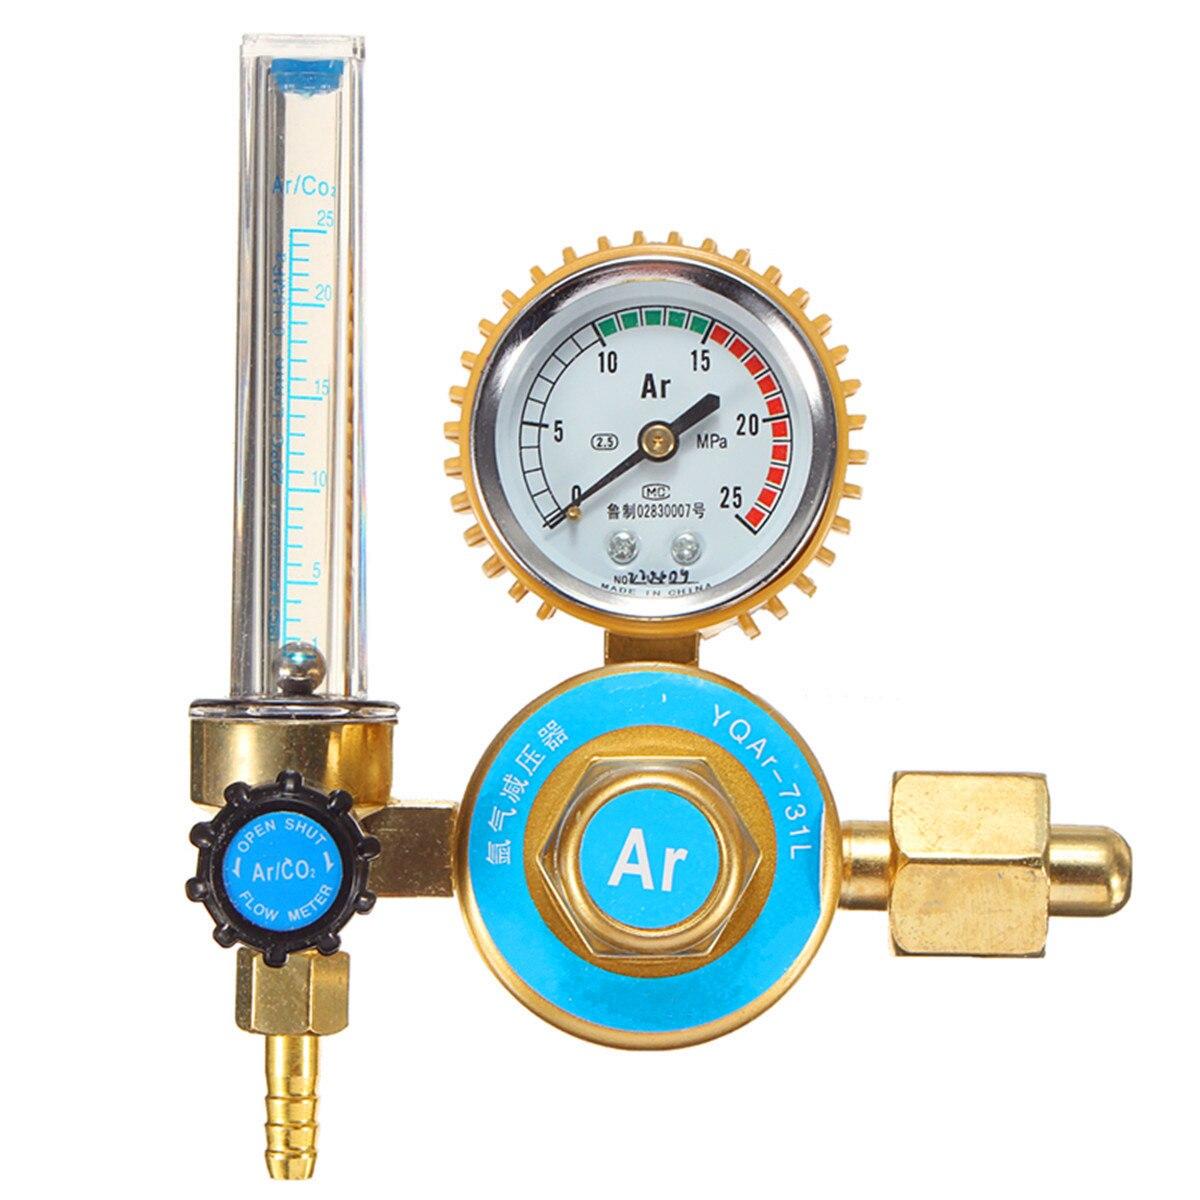 Argon CO2 Gas MIG TIG Welding Flow Meter Regulator Pressure Control Gauge